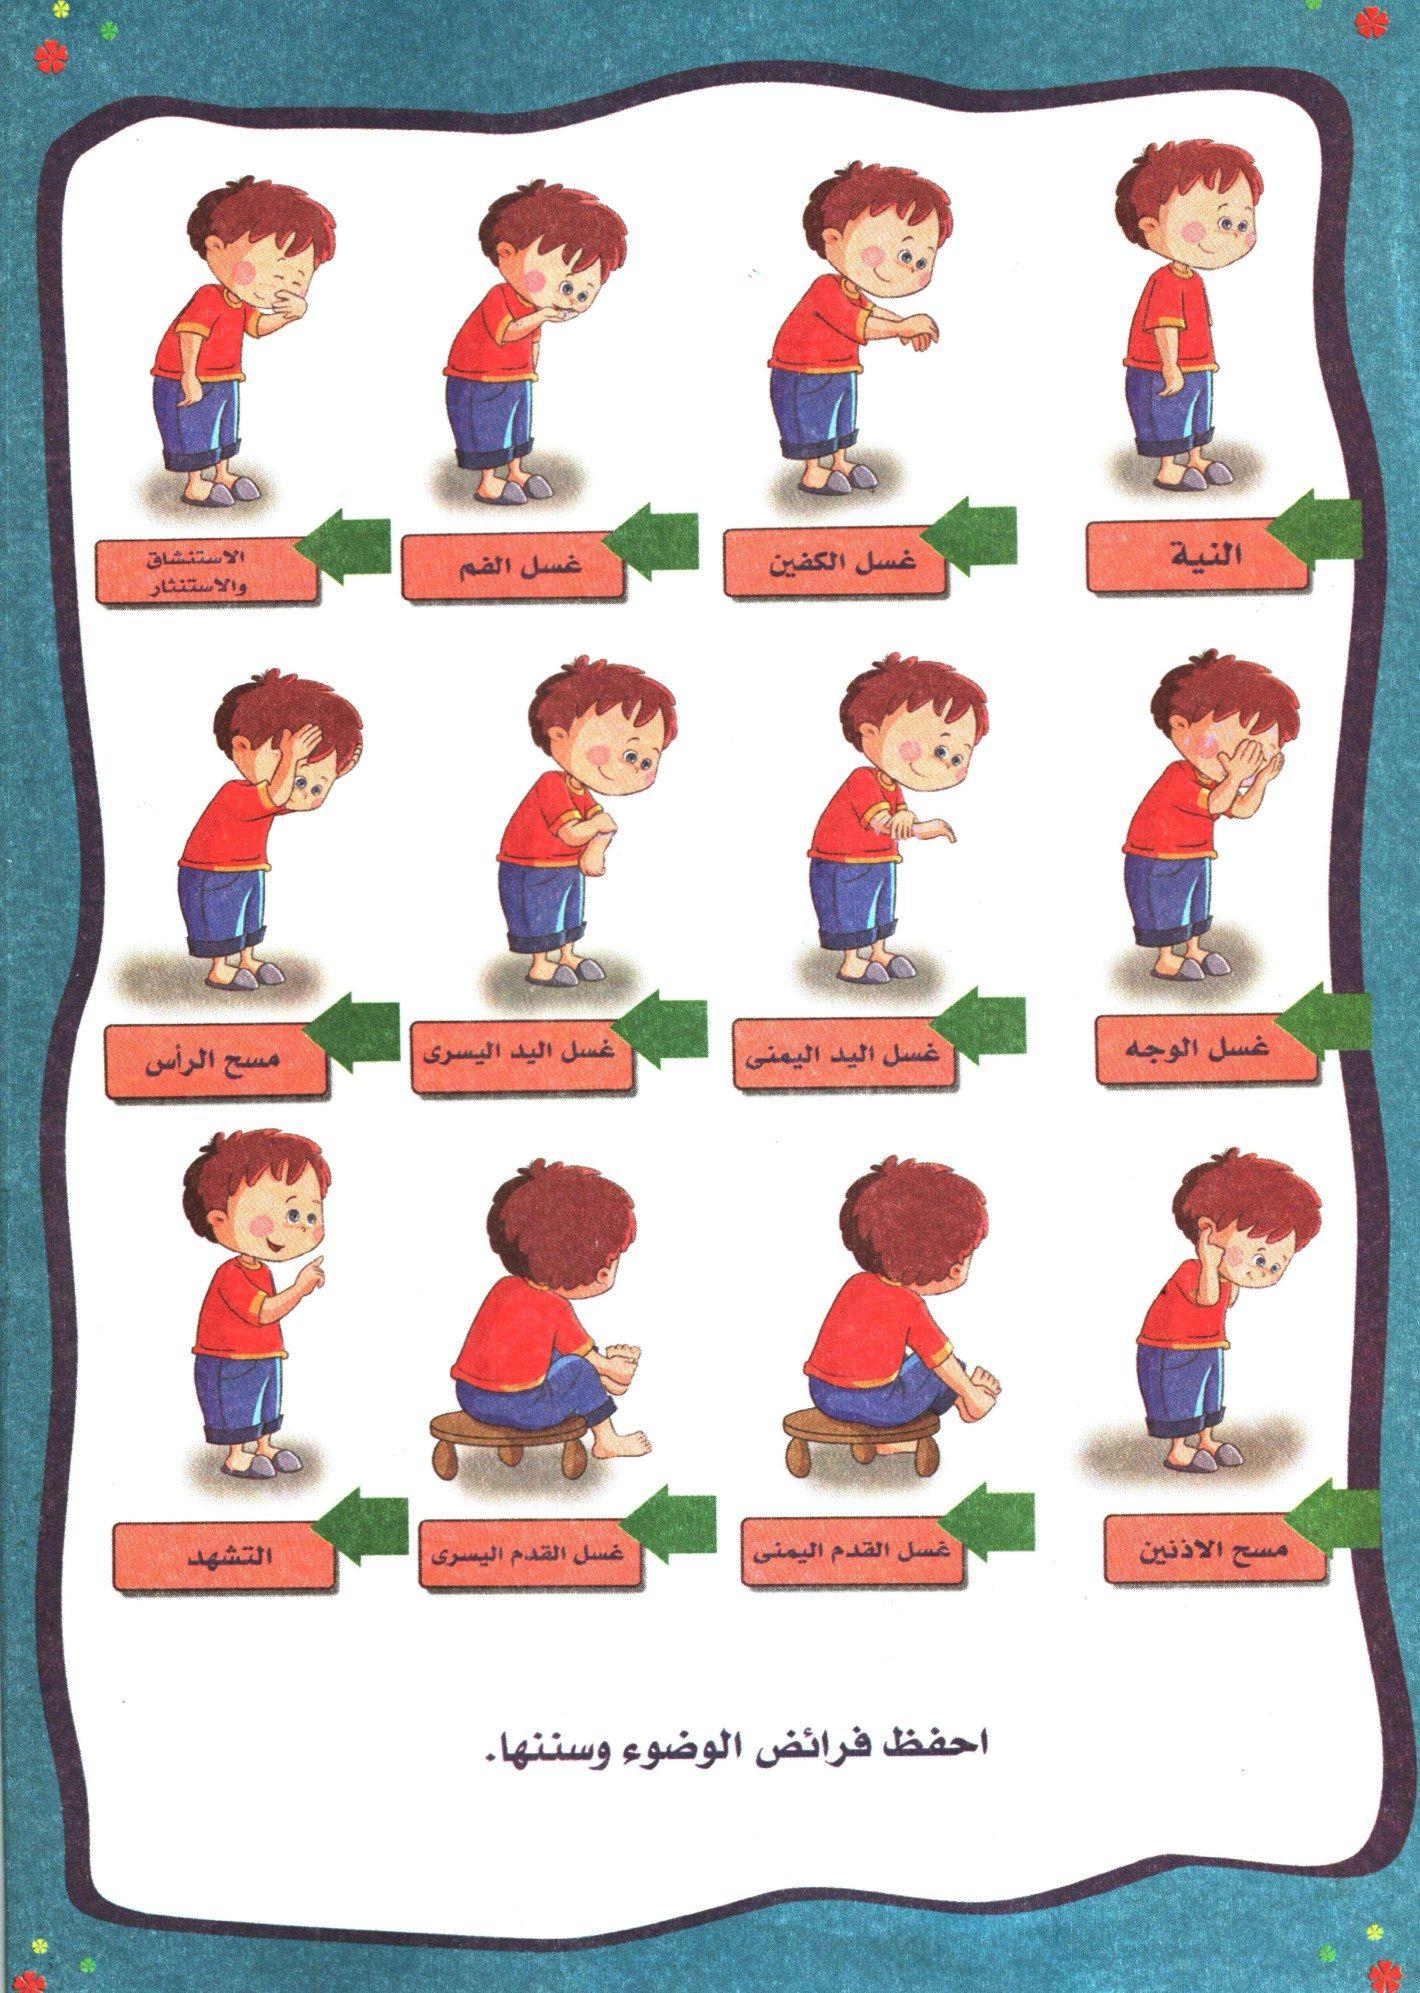 درس نموذجي لتعليم الاطفال الوضوء لمرحله الطفوله المبكره Muslim Kids Activities Islamic Books For Kids Islamic Kids Activities